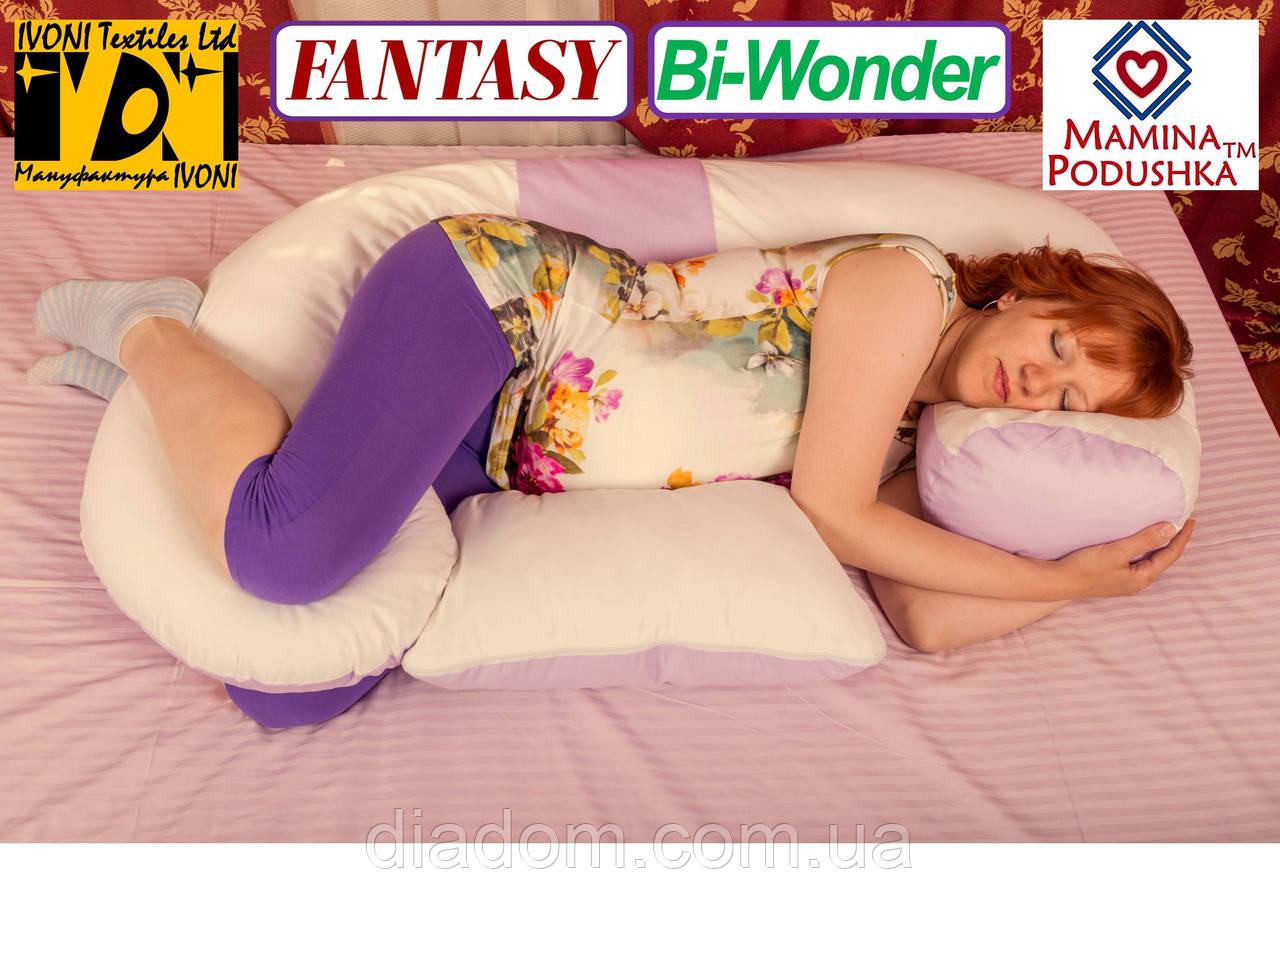 Подушка для беременных Fantasy Bi-Wonder, Наволочка (на выбор) входит в комплект